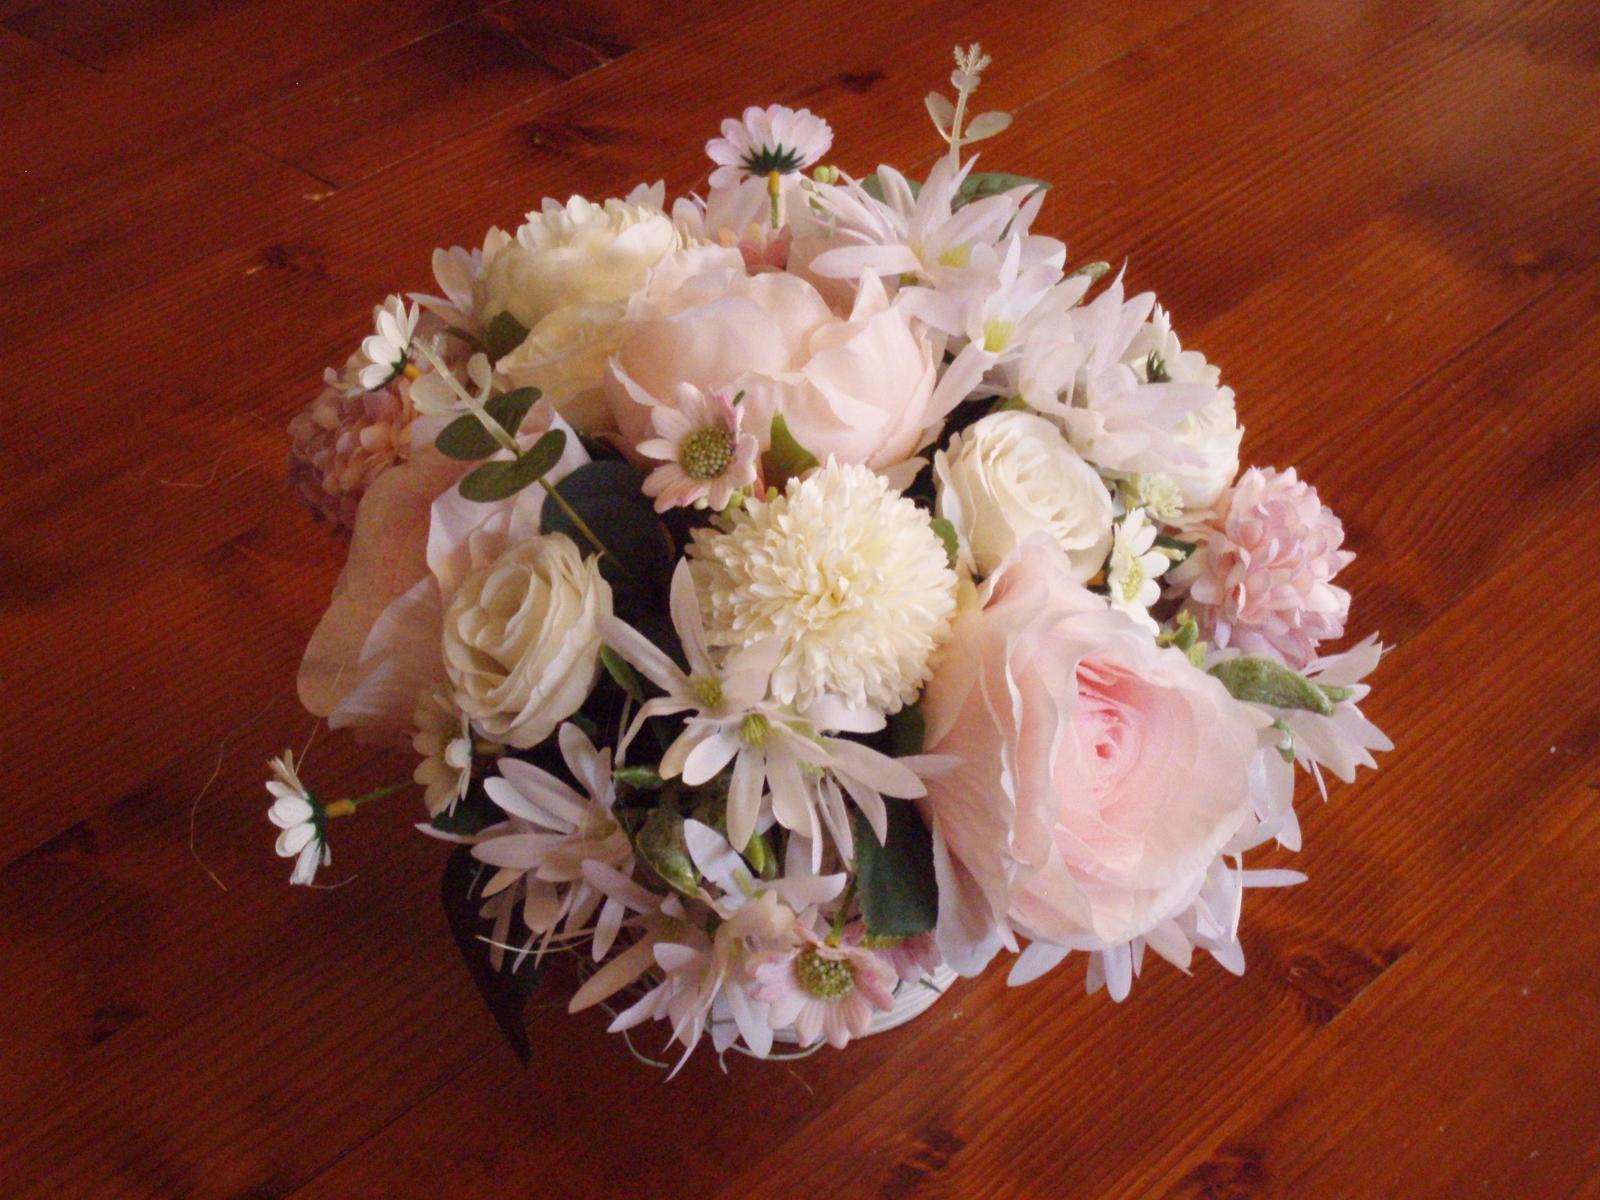 345.Dekorácia v jemných ružových farbách v keramik - Obrázok č. 1